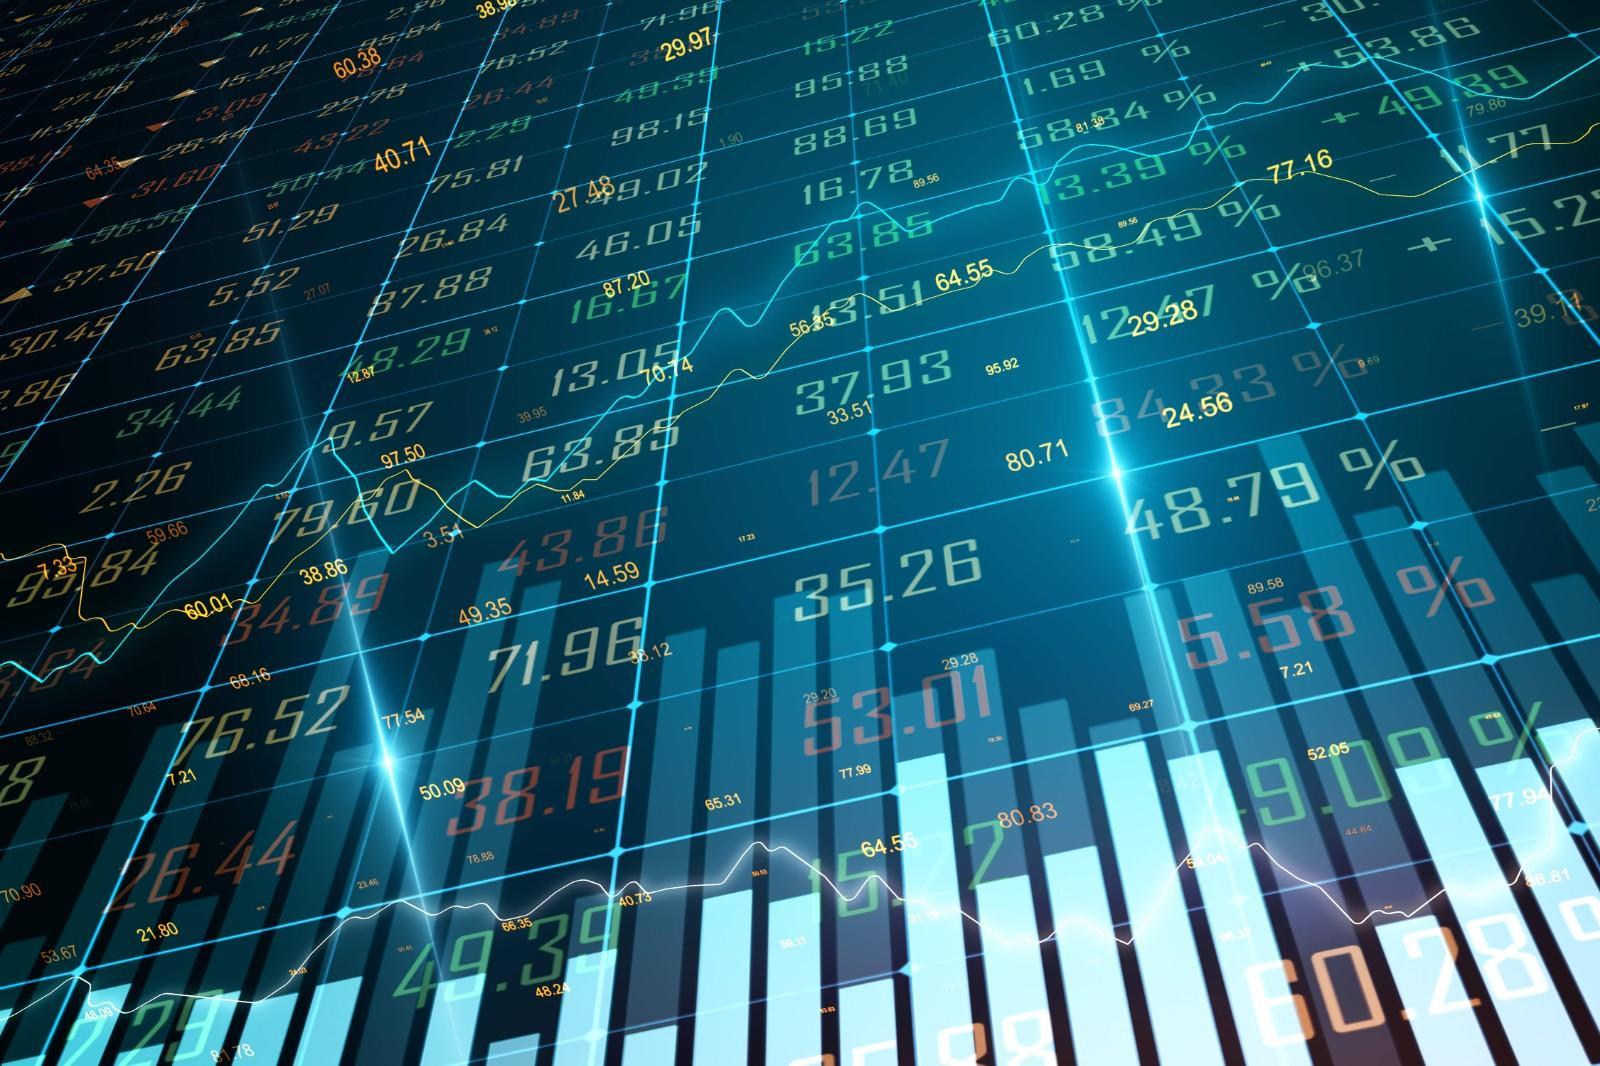 指数如何投资?有哪些问题需要注意?